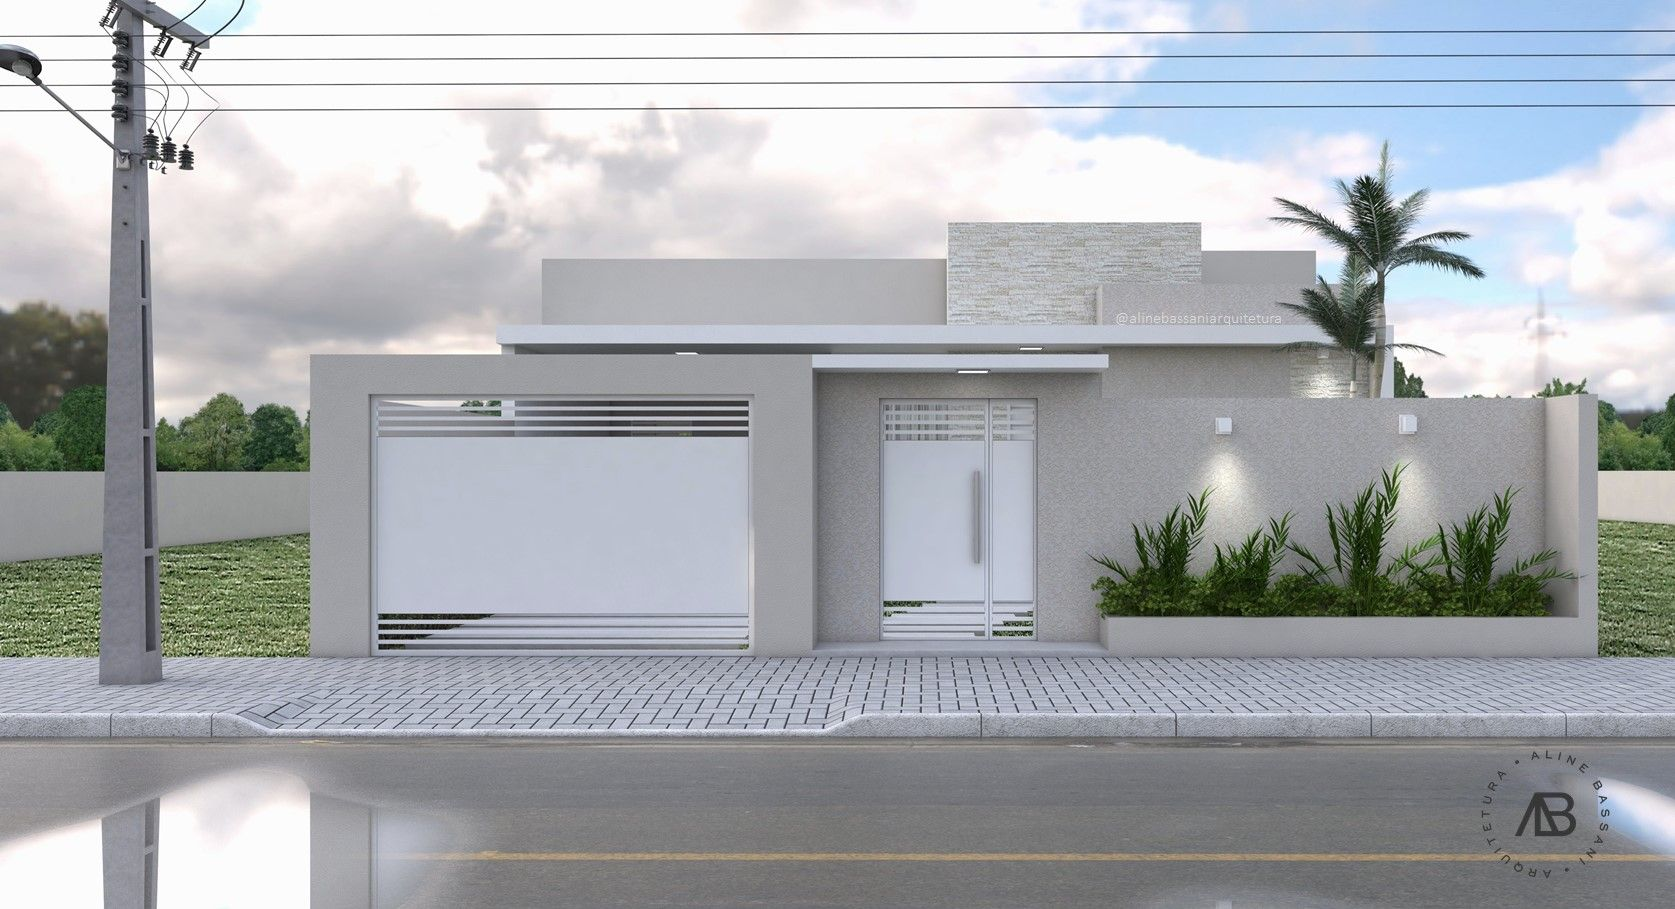 Projeto Arquitetônico Residencial - Casa Térrea com 100m² - Fachada Contemporânea - Volumetria reta e clean. Projeto de Aline Bassani Arquitetura